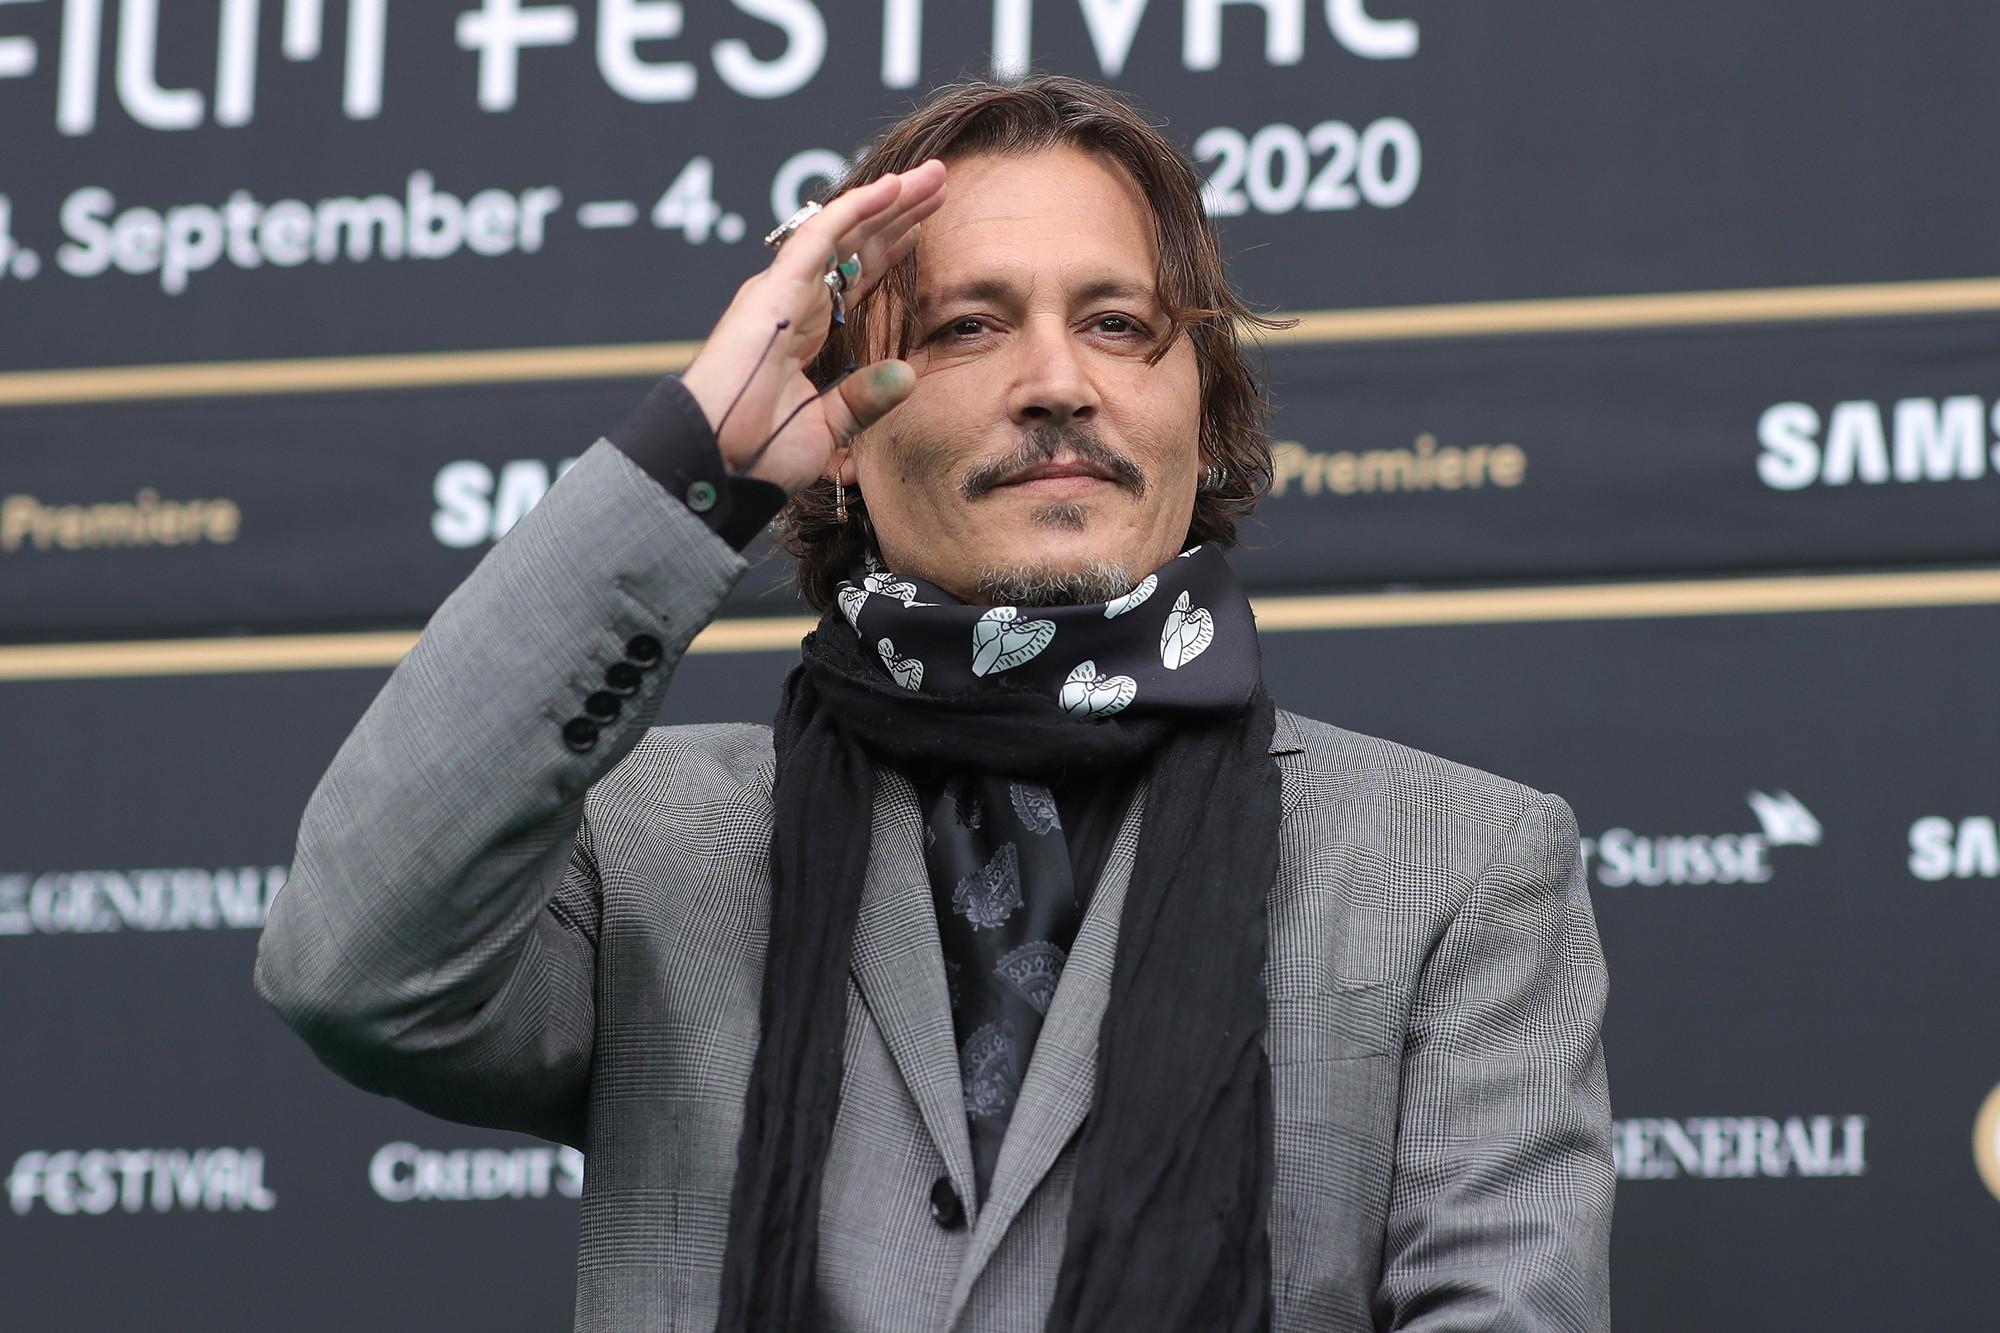 Johnny Depp tells fans he hopes for better times in